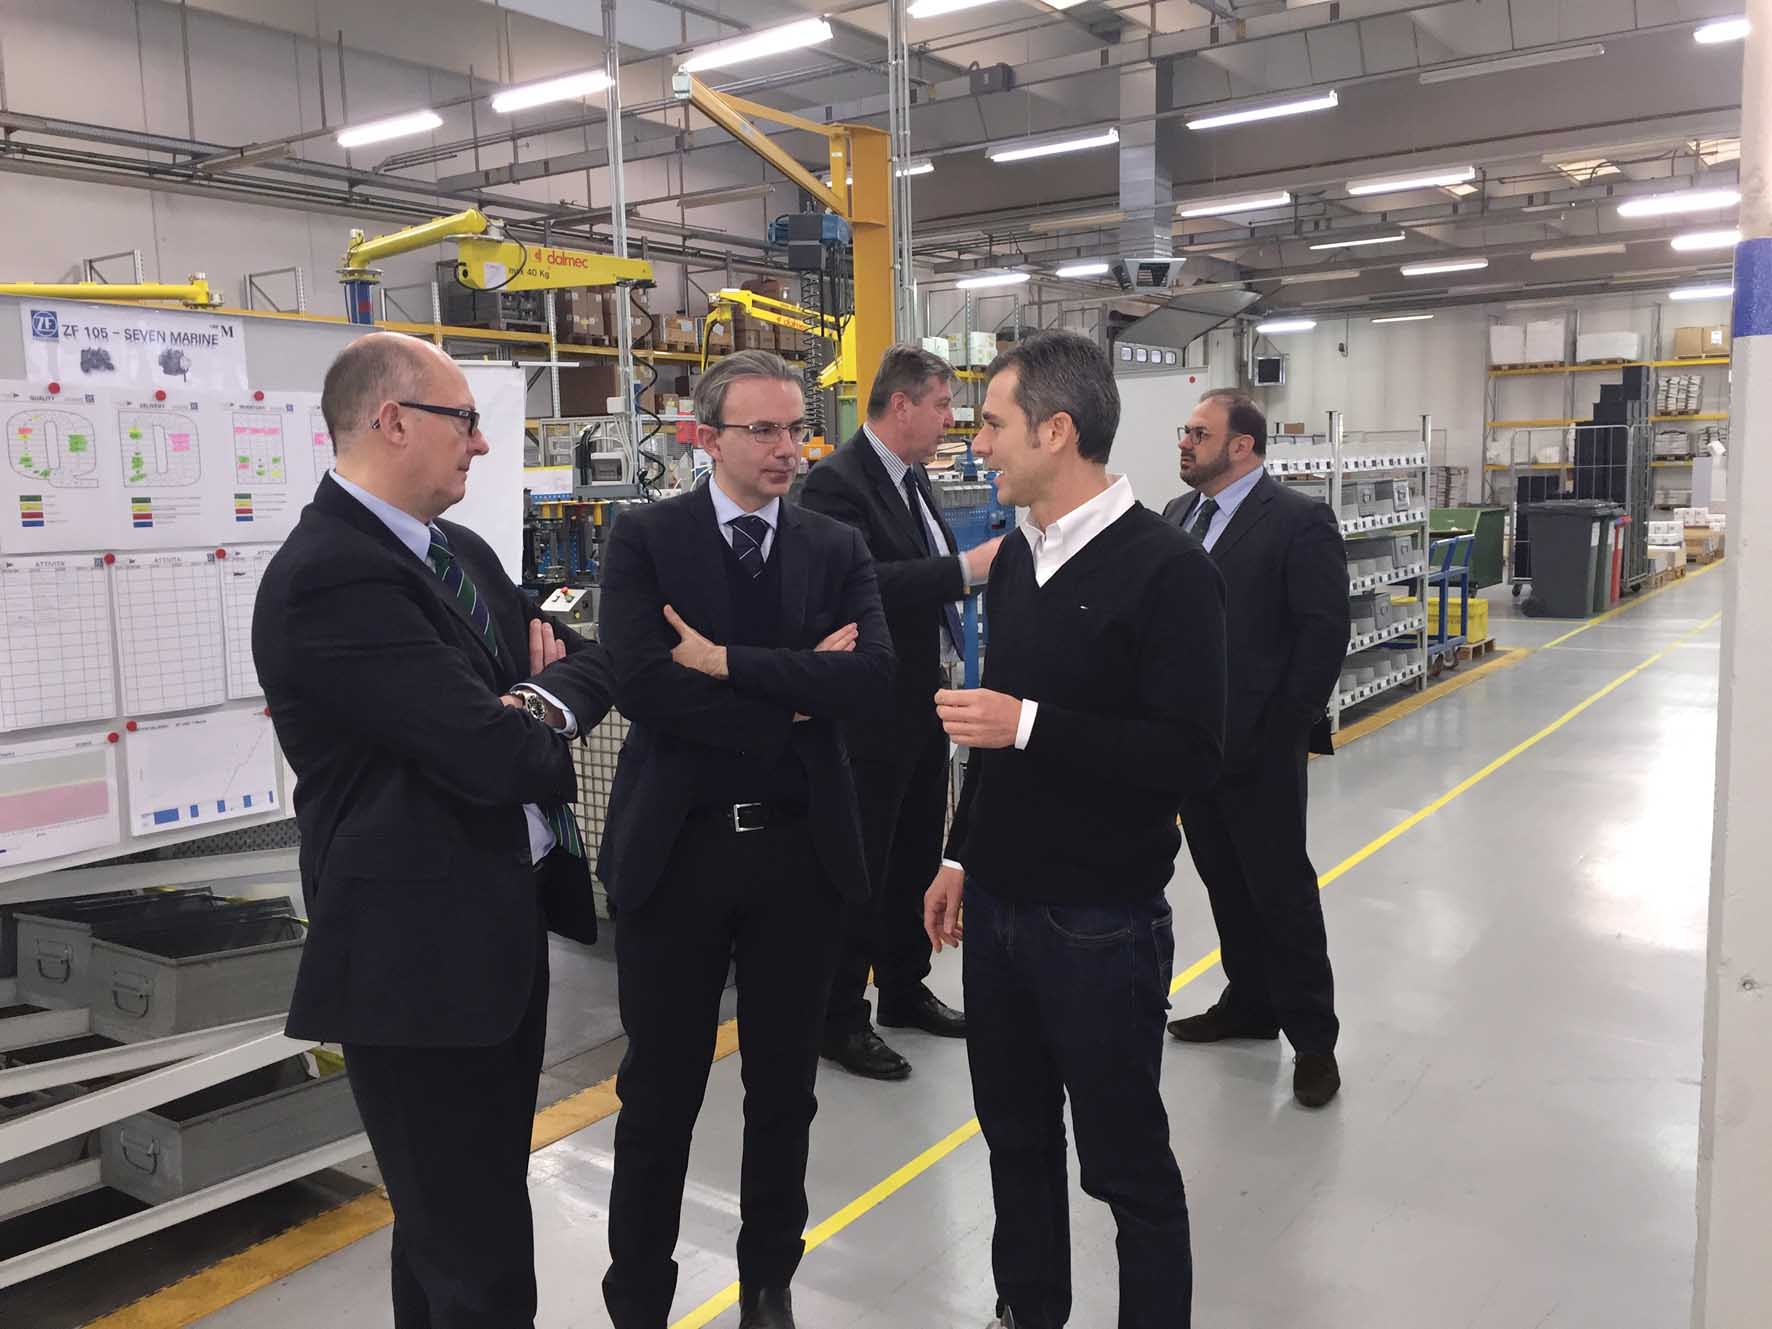 confindustria tn da sx Roberto Busato e Stefano Franchi DG federmeccanica in secondo piano a destra Alessandro Benedetti 1